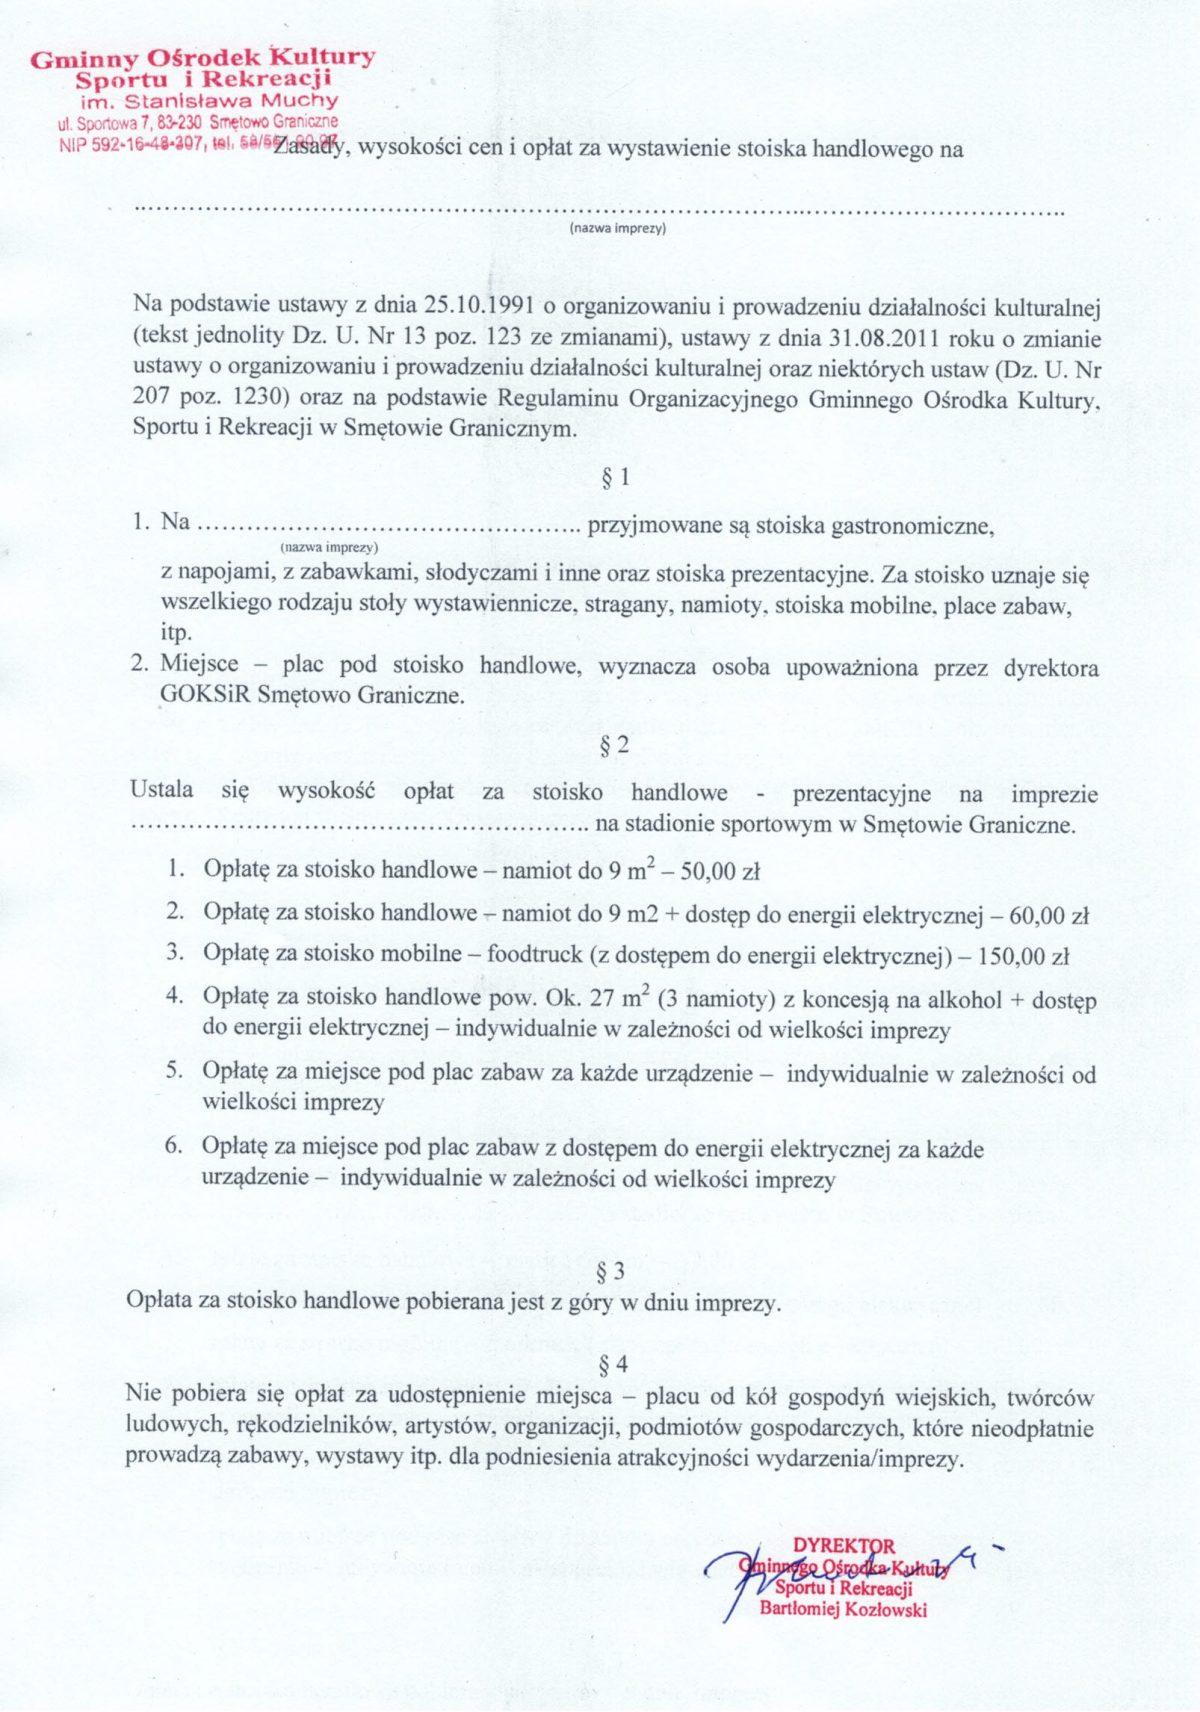 """Skan dokumentu """"Zasady, wysokość cen i opłat za wystawienie stanowiska handlowego"""". Wersja tekstowa do pobrania na dole strony."""